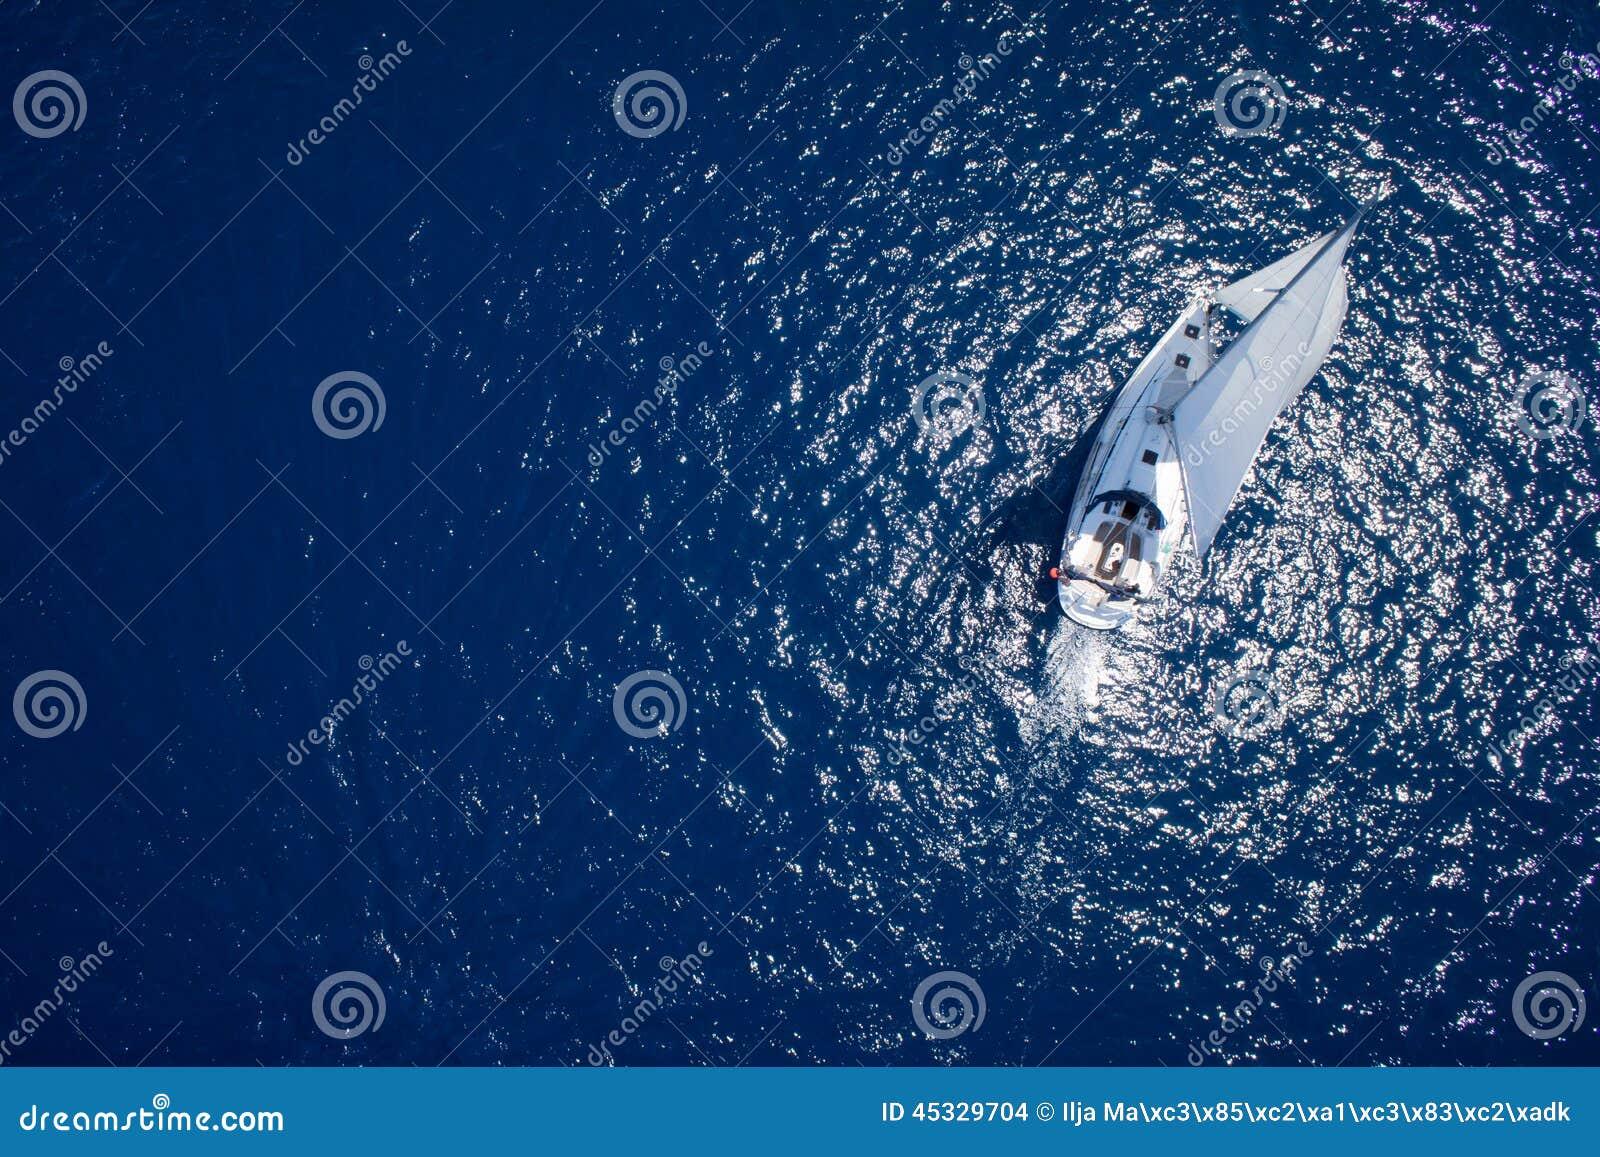 Fantastisk sikt som seglar segling i det öppna havet på den blåsiga dagen Surrsikt - fågelögonvinkel